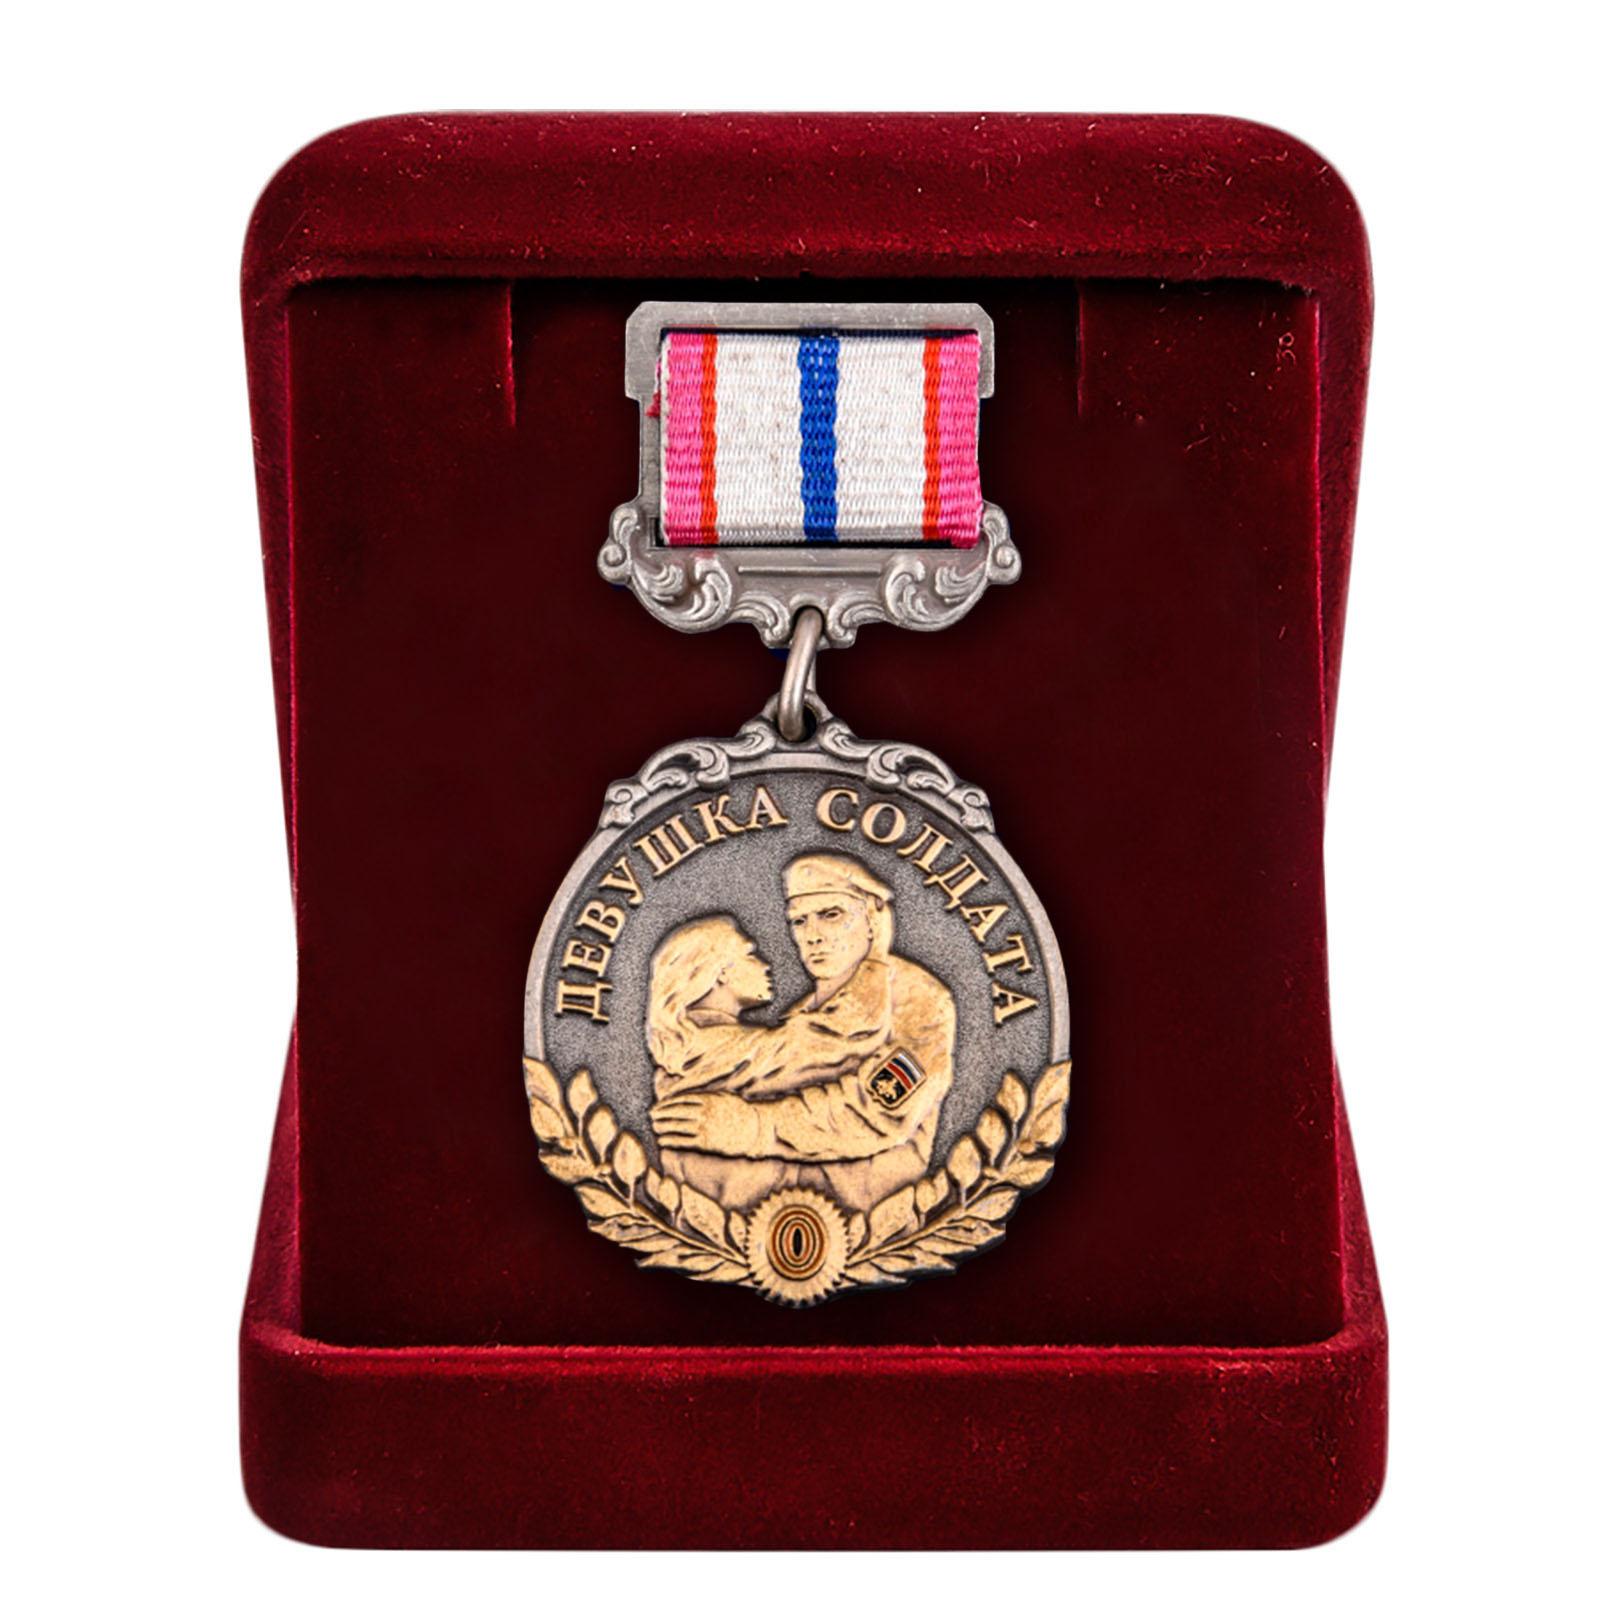 Купить памятную медаль Девушка солдата оптом или в розницу